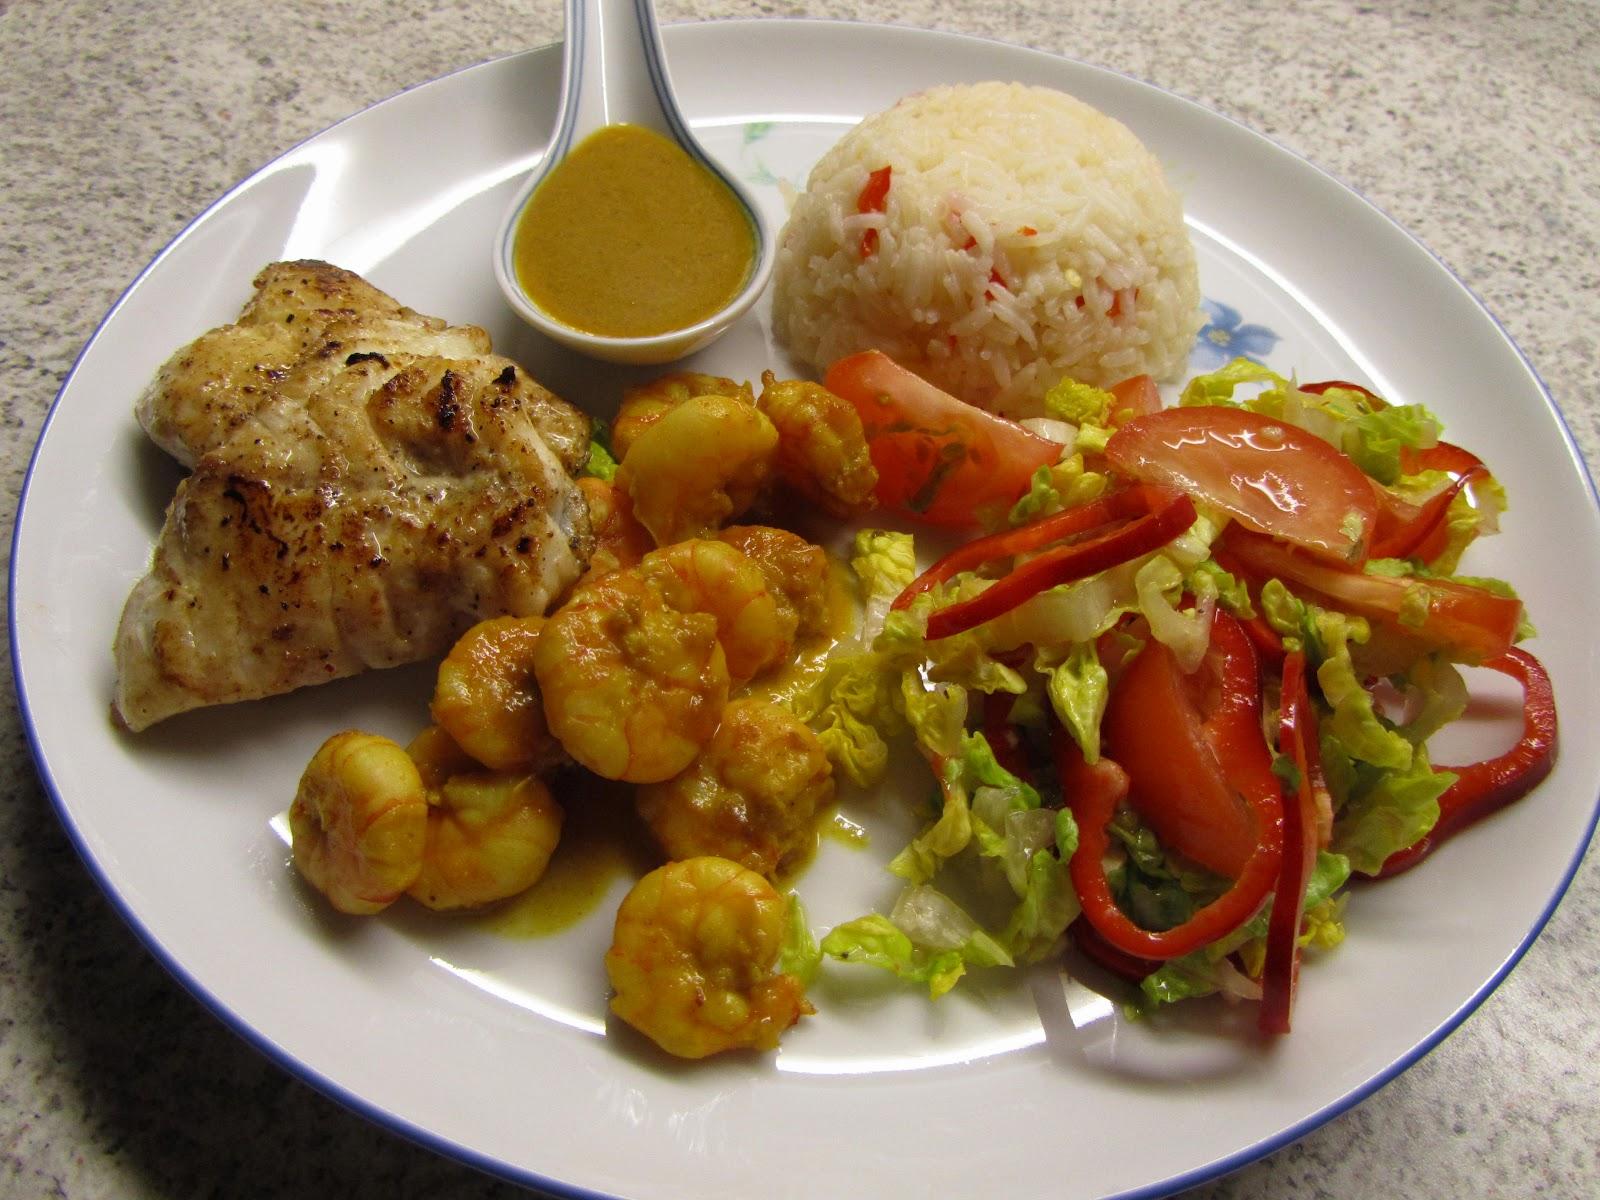 billige madplaner uge